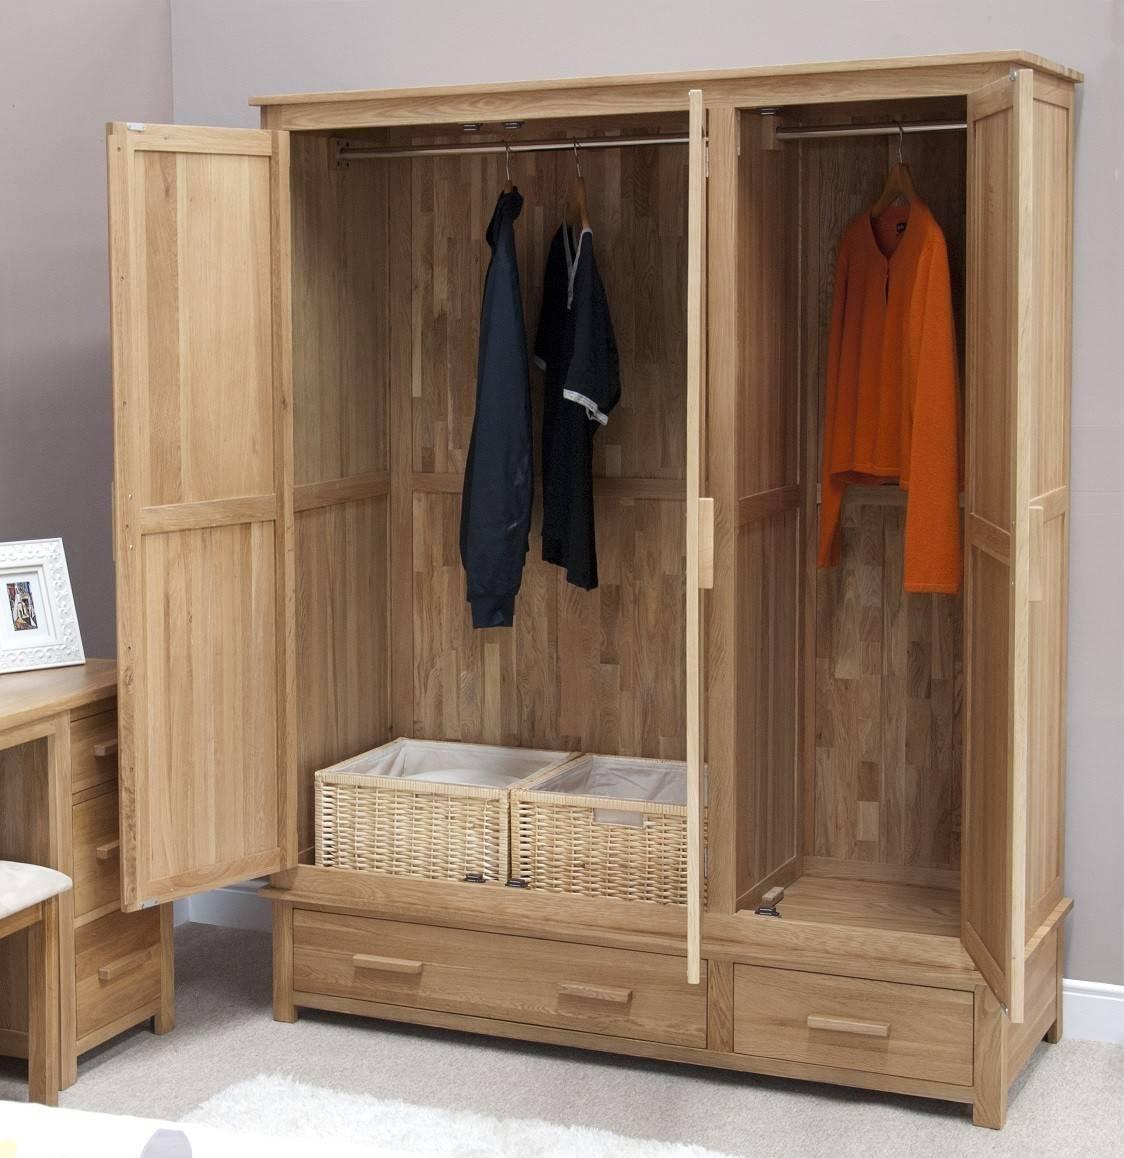 Opus Solid Oak 3 Door Triple Wardrobe | Oak Furniture Uk regarding Oak 3 Door Wardrobes (Image 8 of 15)